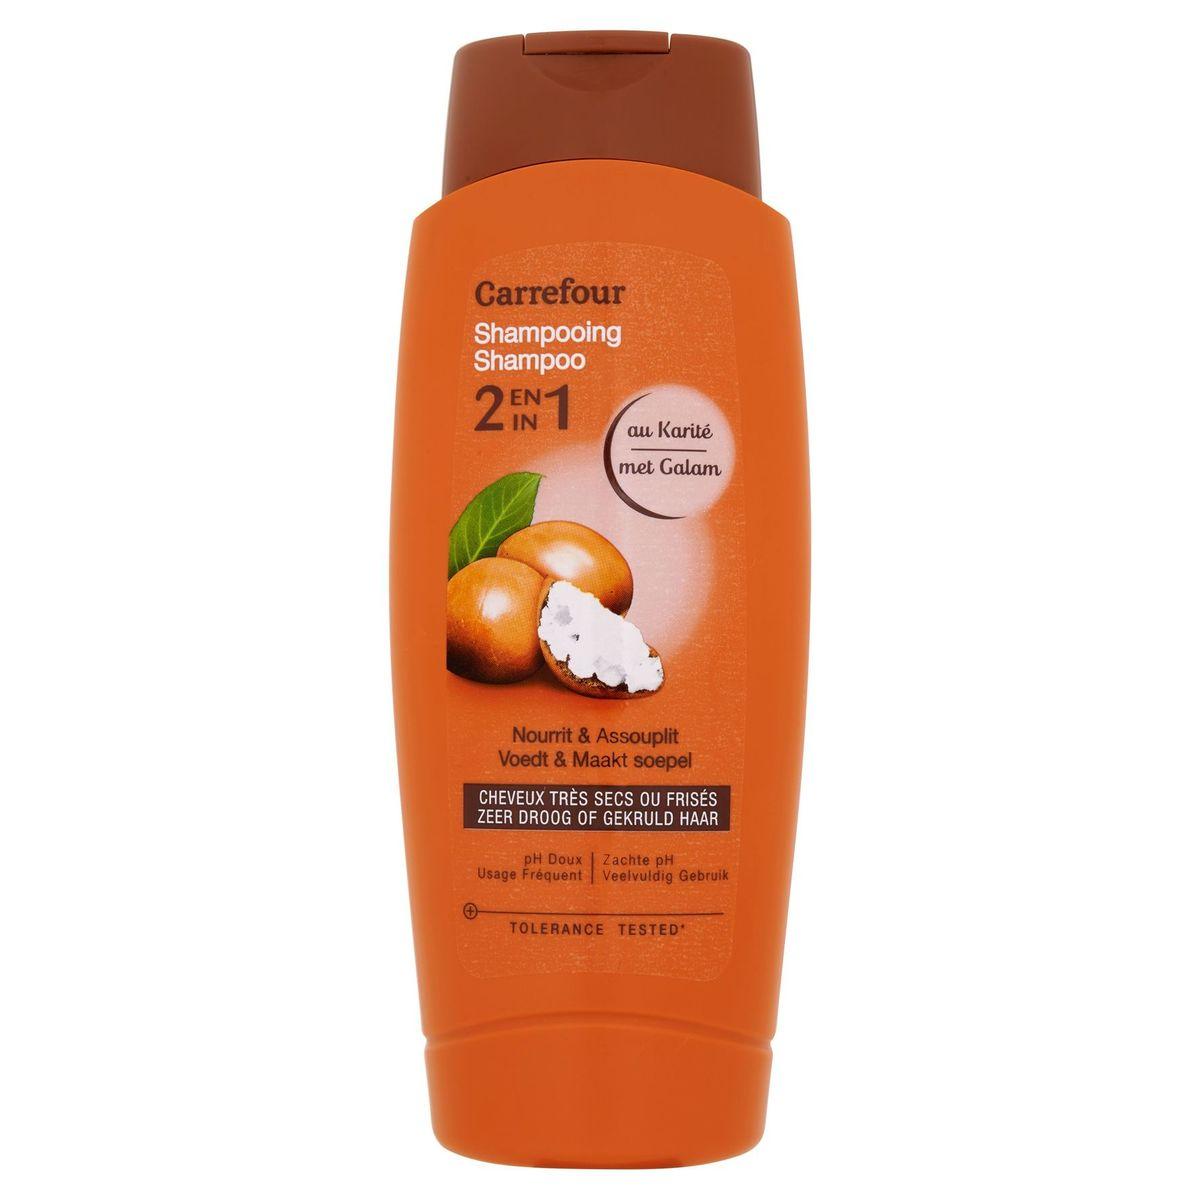 Carrefour Shampooing 2 en 1 au Karité 500 ml